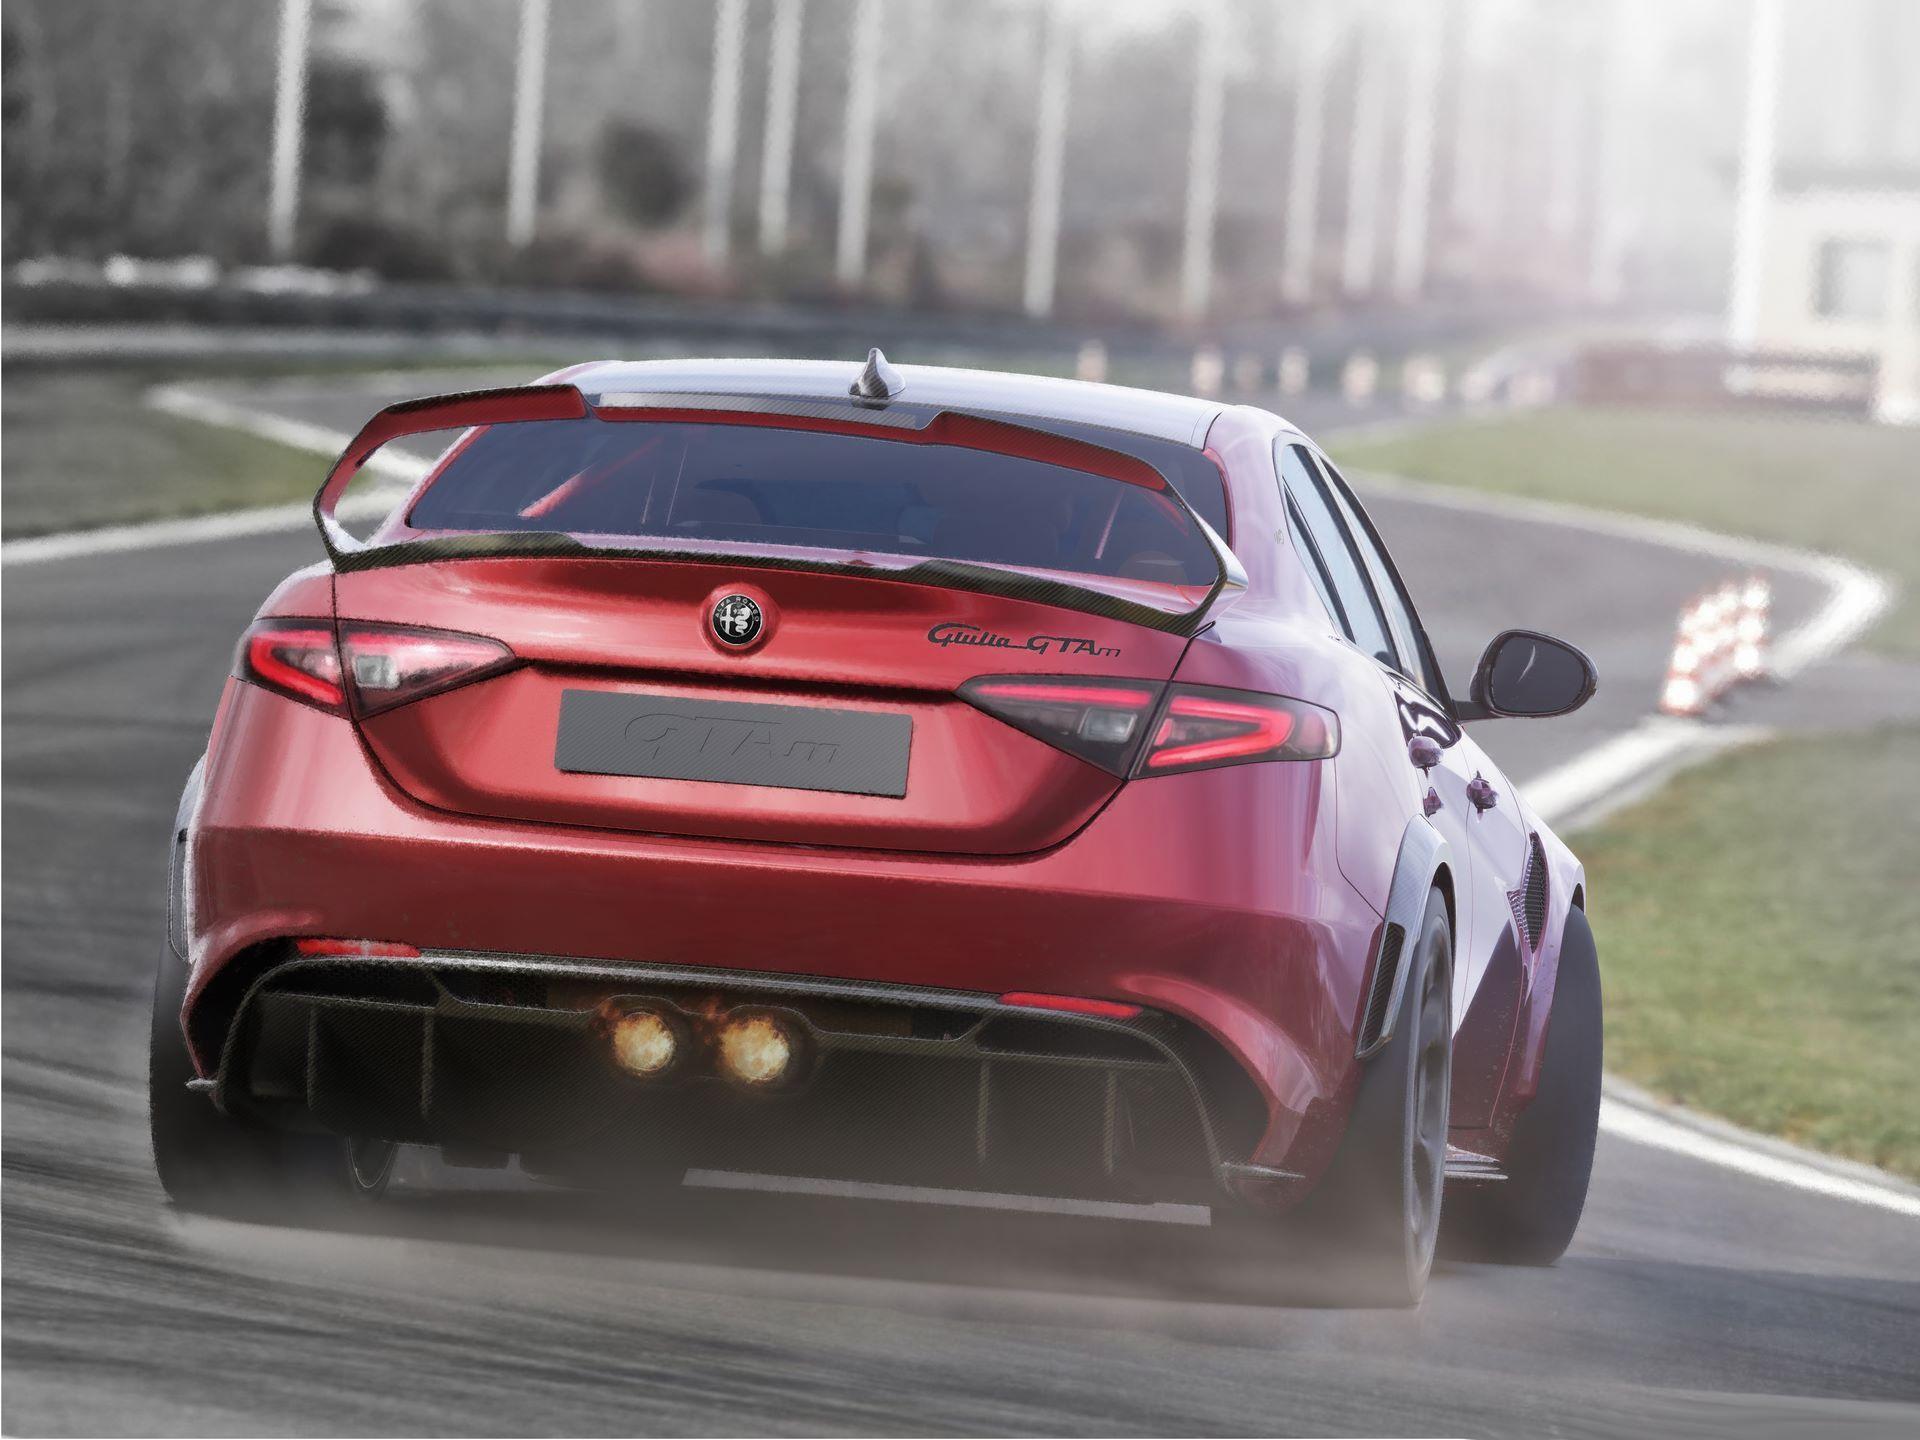 Alfa-Romeo-Giulia-GTA-and-GTAm-6